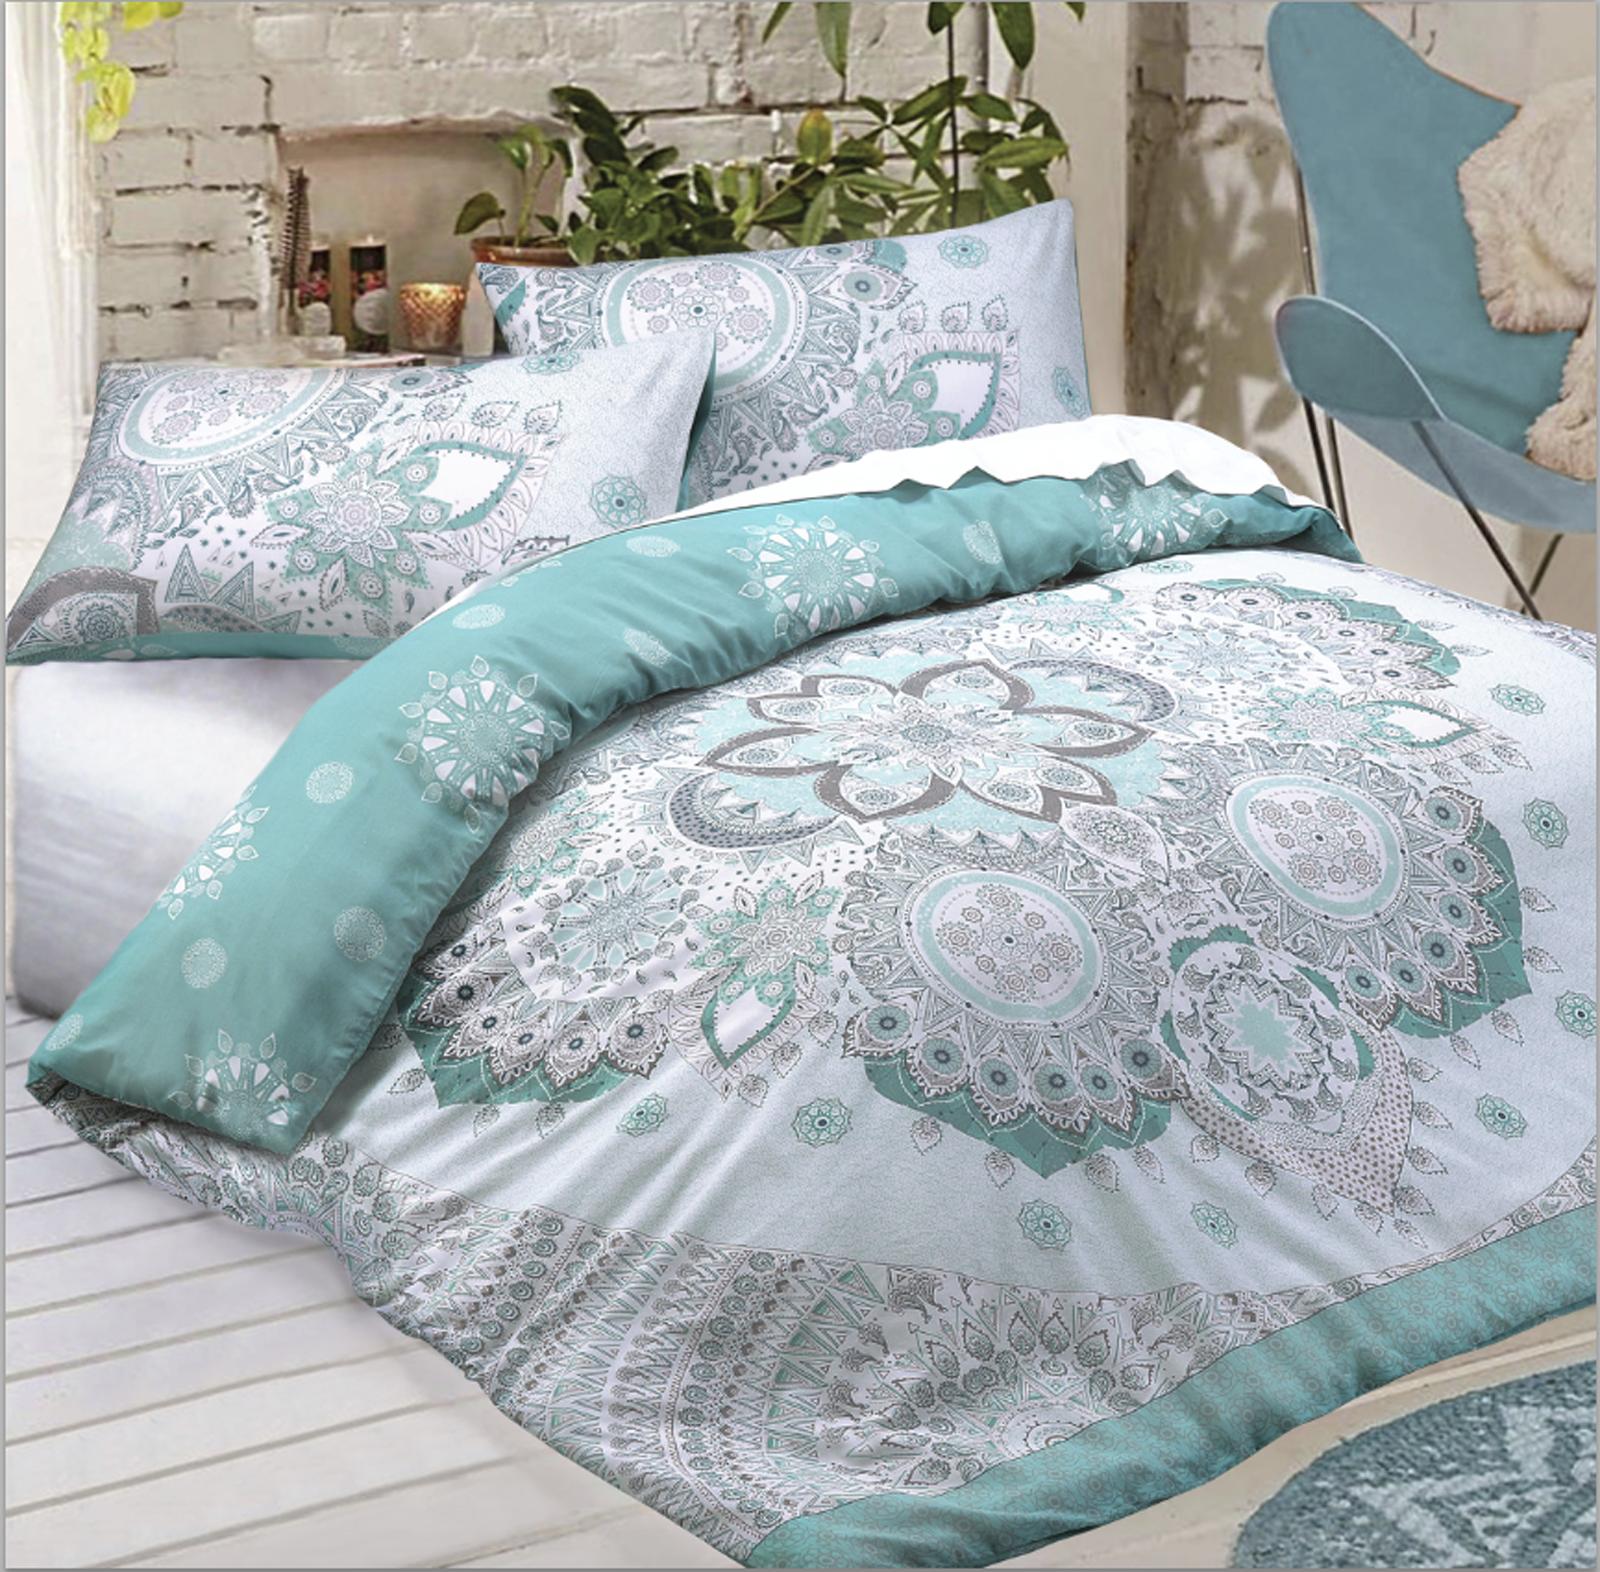 Celestial Mandala Duvet Cover Set Wholesale Bedding